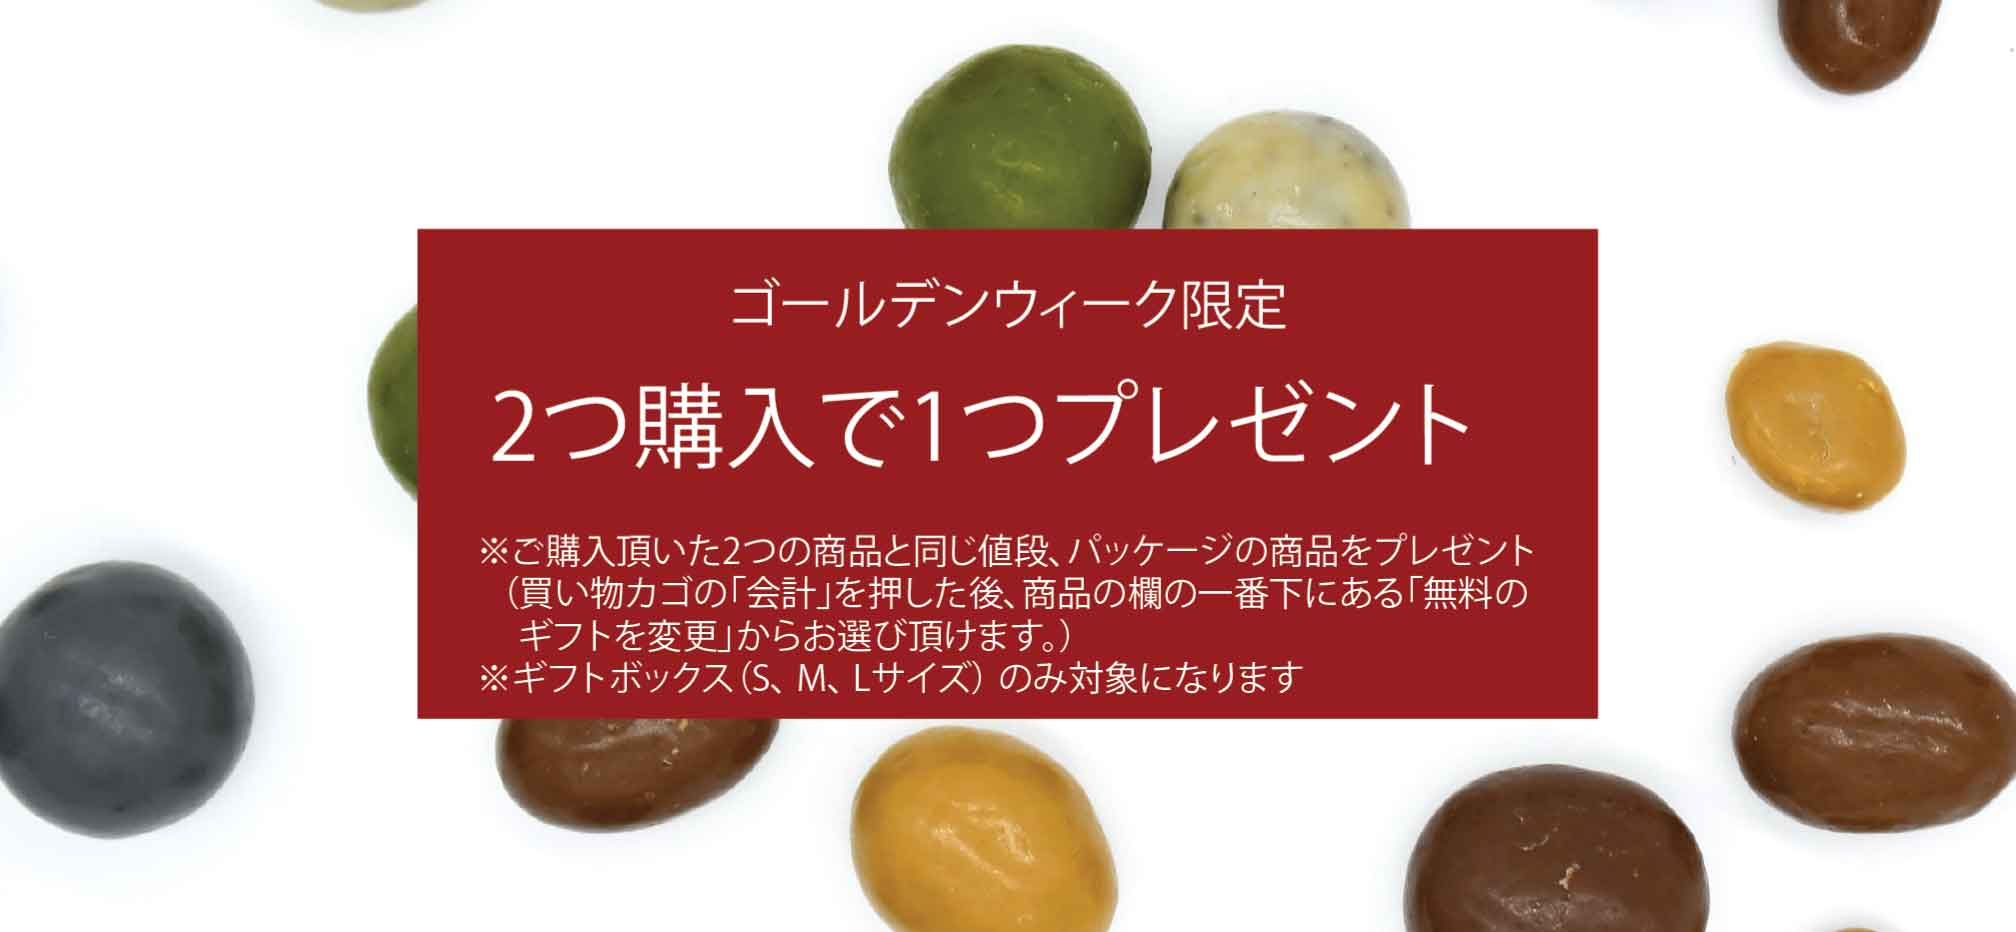 Choci Tokyo Chocolate balls